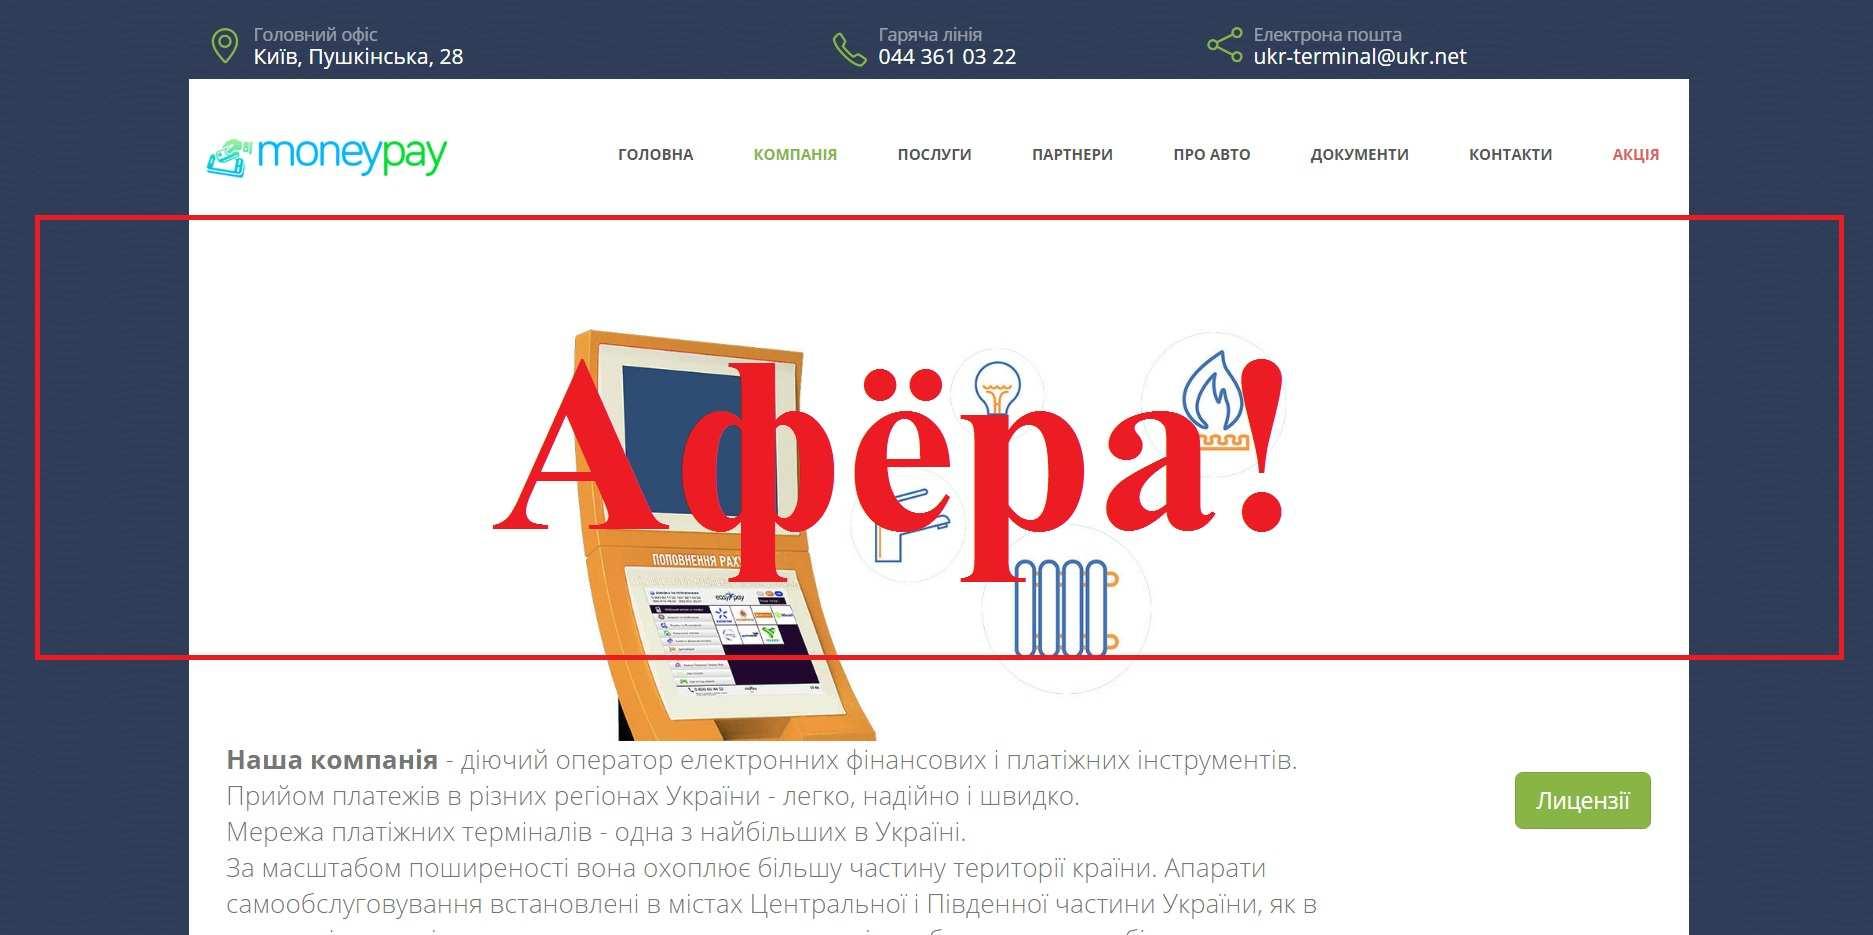 Money-Pay – реальные отзывы о money-pay.com.ua